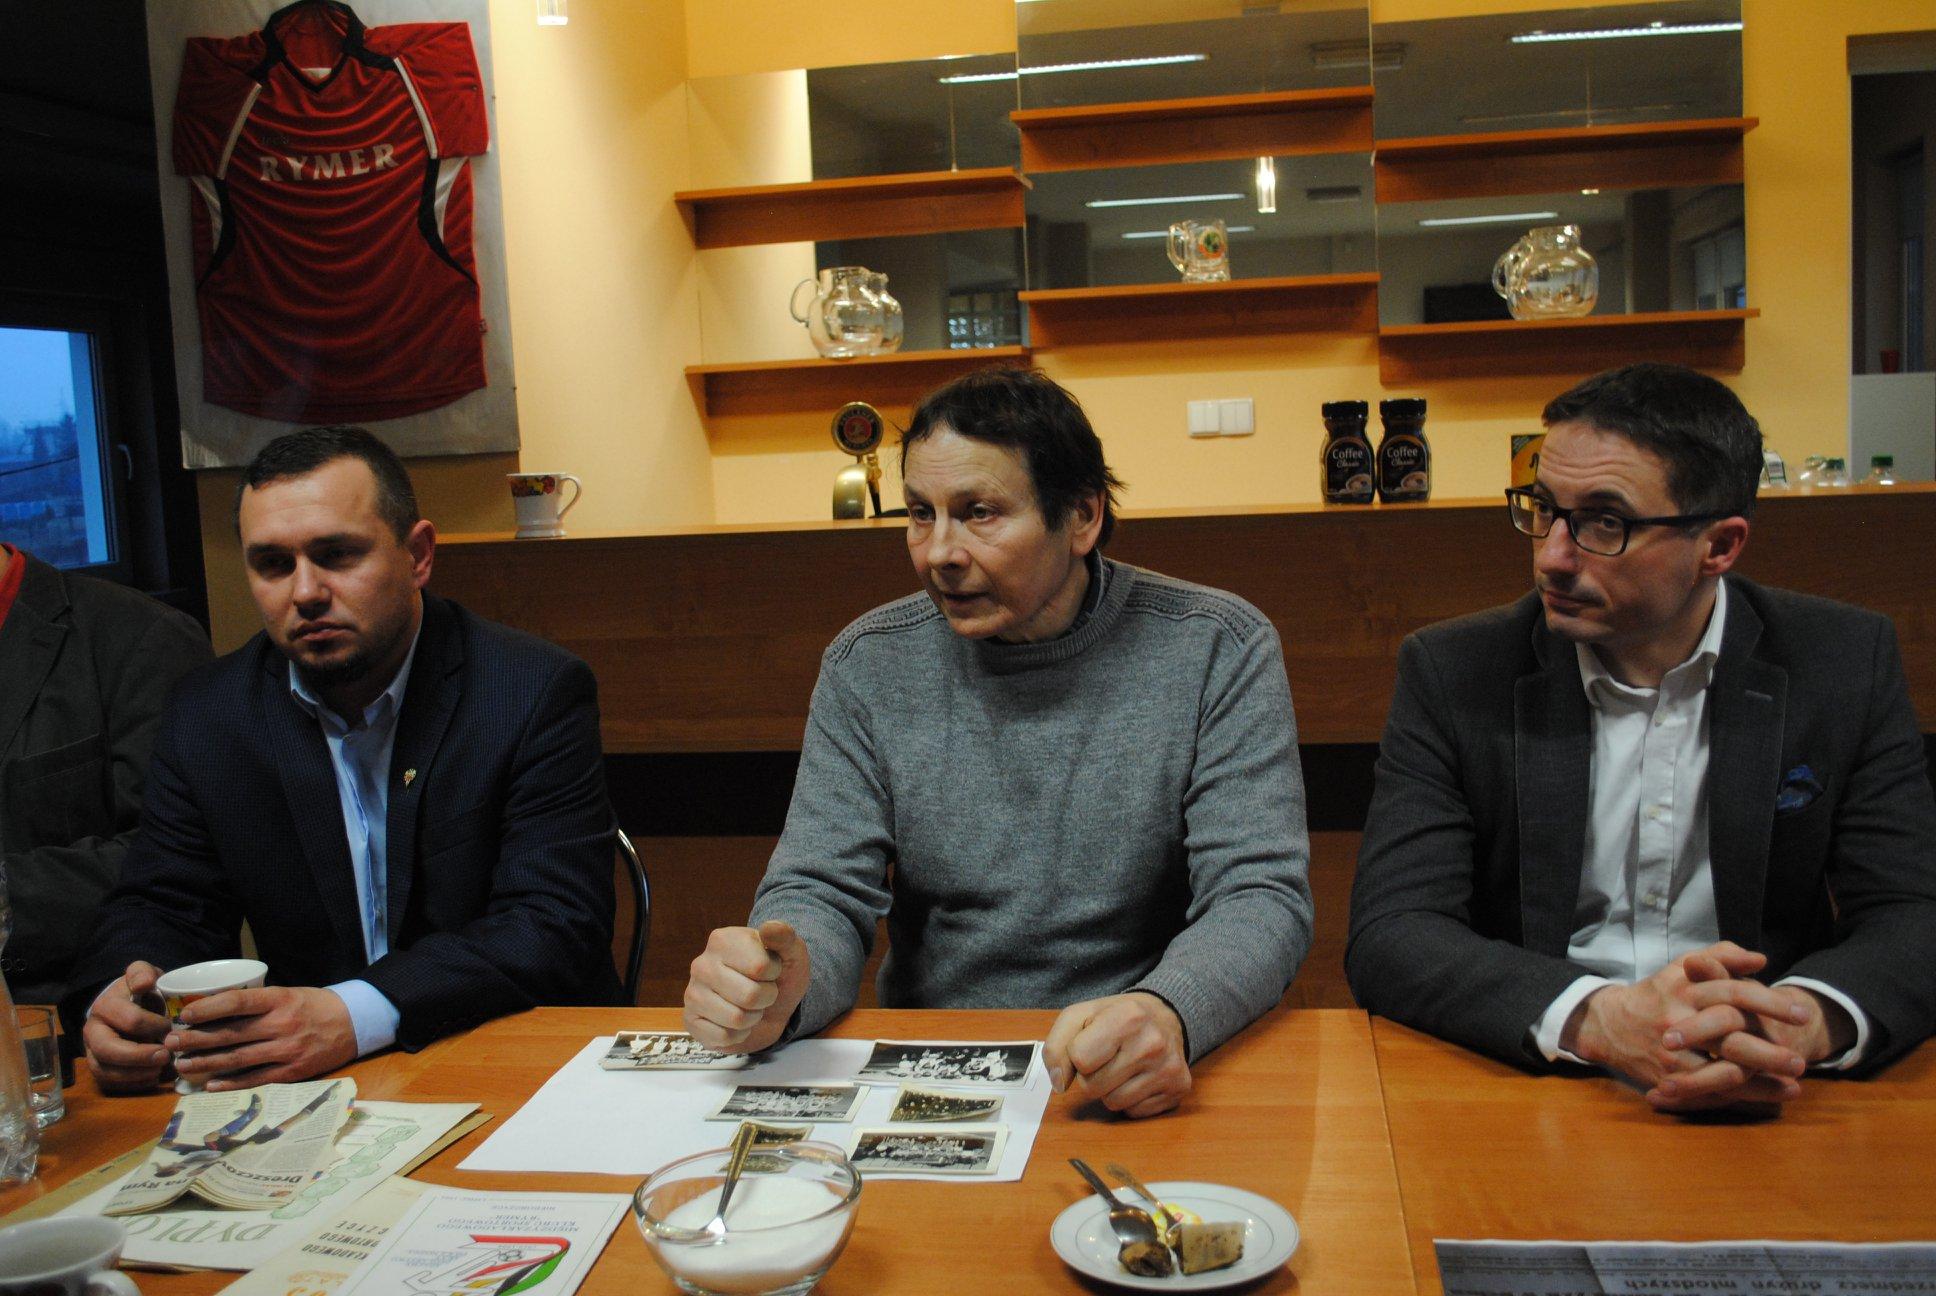 Spotkanie w sprawie monografi. Od lewej: Mirosław Górka (Prezes KS Rymer), Henryk Rojek (autor planowanej książki), Piotr Kuczera (Prezydent Miasta Rybnik)